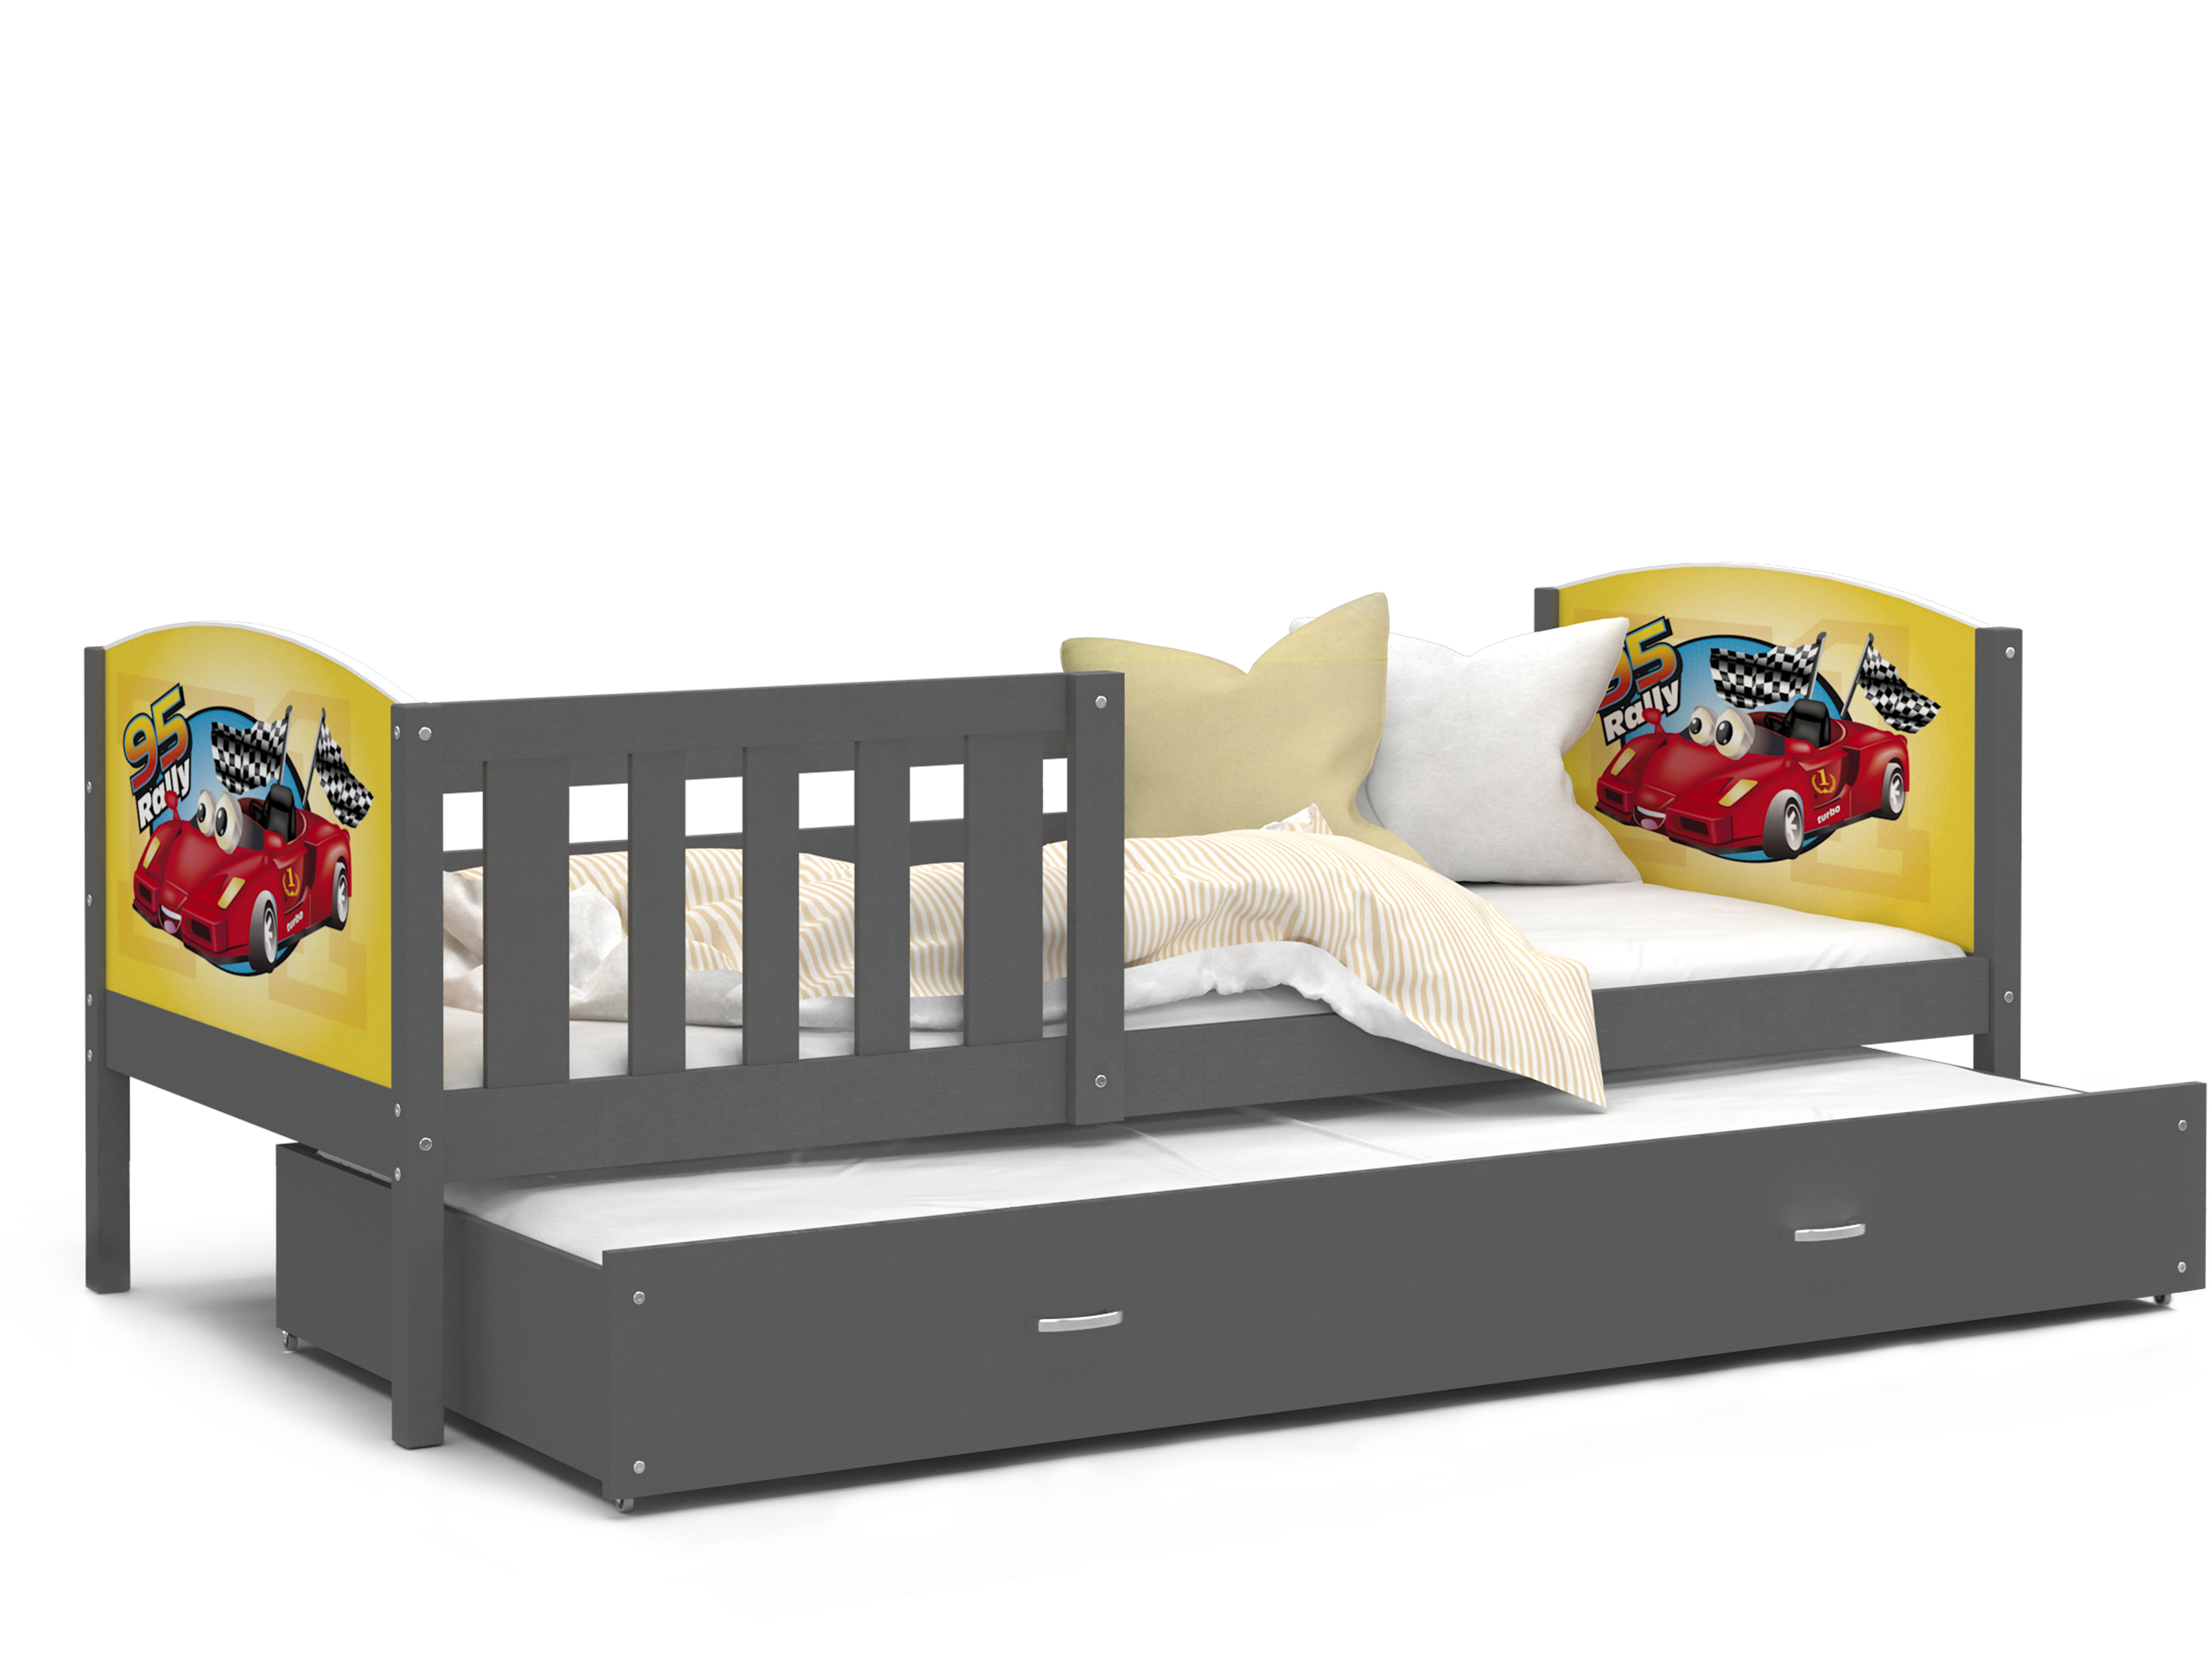 ArtAJ Detská posteľ Tami P2 / sivá Tami rozmer: 190 x 80 cm + prístelka 184 x 80 cm, Tami typ: bez matraca